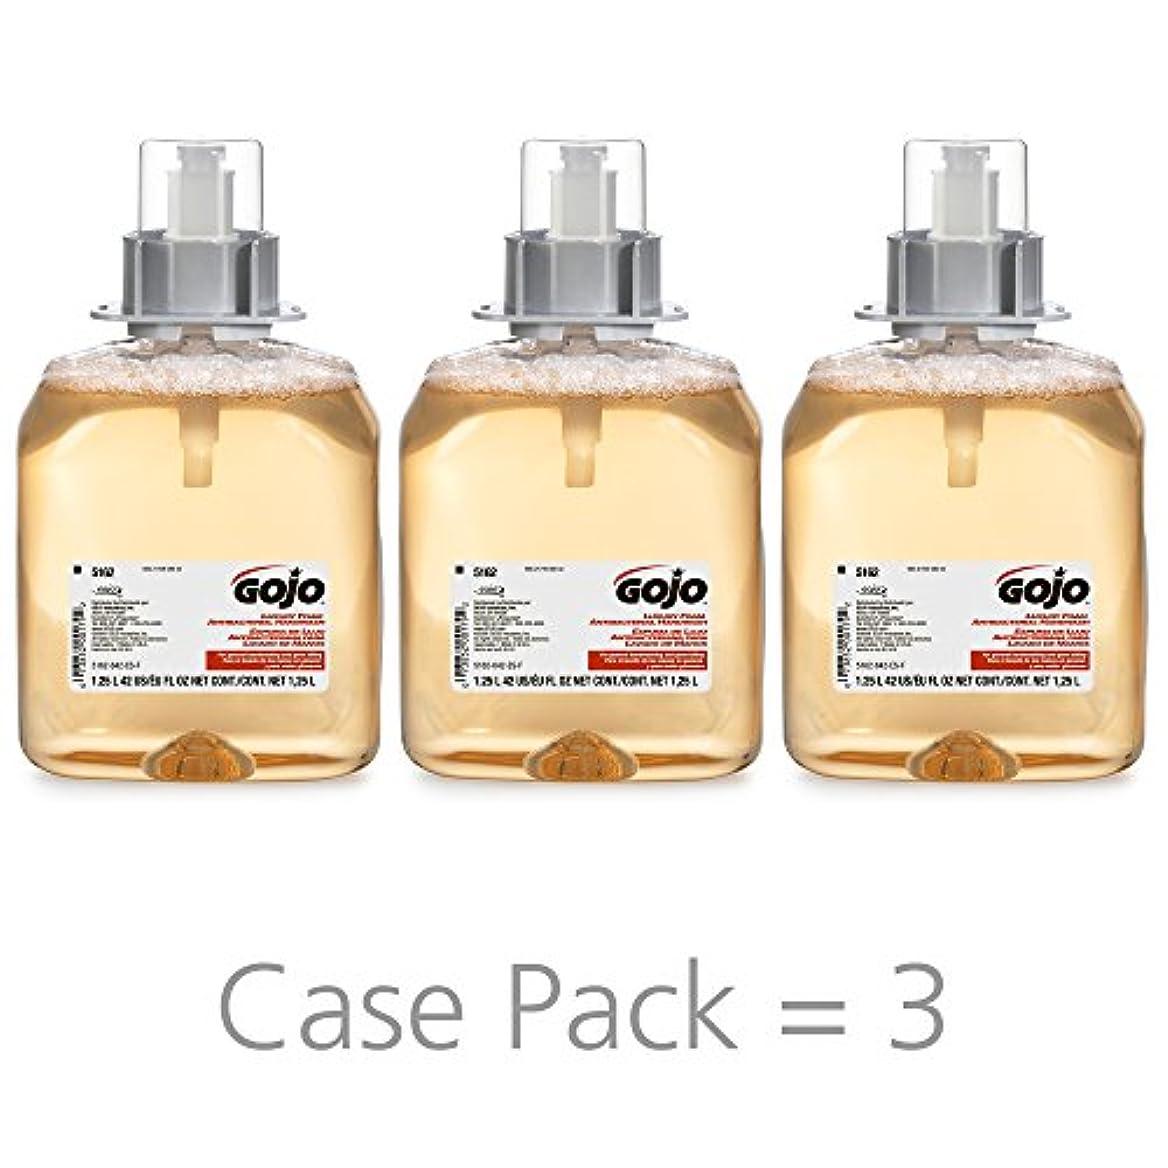 恥ずかしさ注ぎます光沢のあるGOJO 516203CT FMX-12 Foam Hand Wash, Fresh Fruit, FMX-12 Dispenser, 1250mL Pump, 3/Carton by Gojo